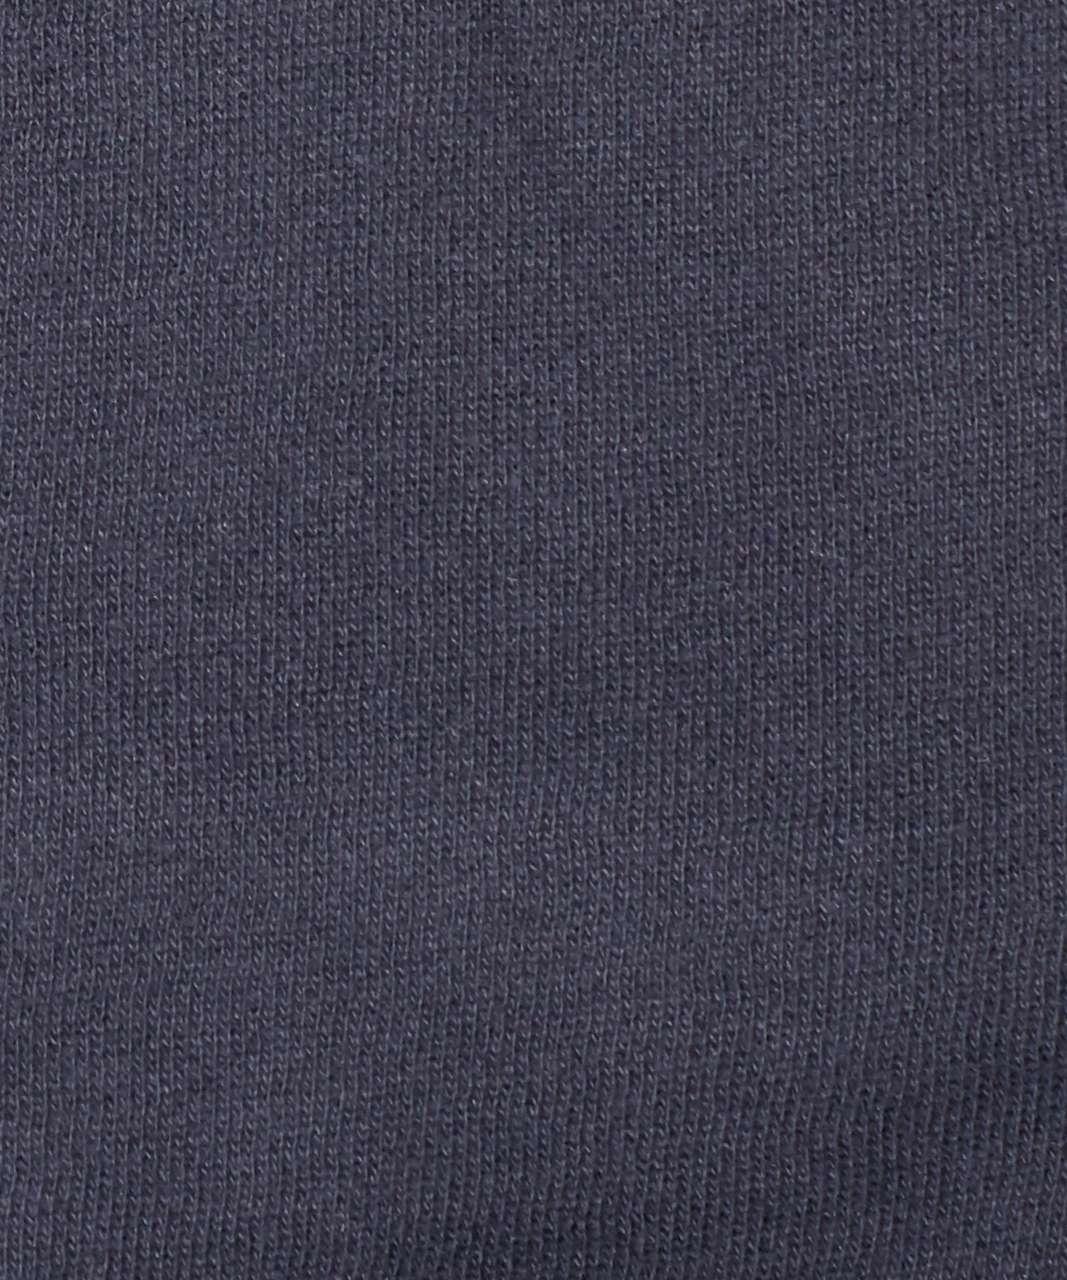 Lululemon Scuba Hoodie *Light Cotton Fleece - Midnight Navy